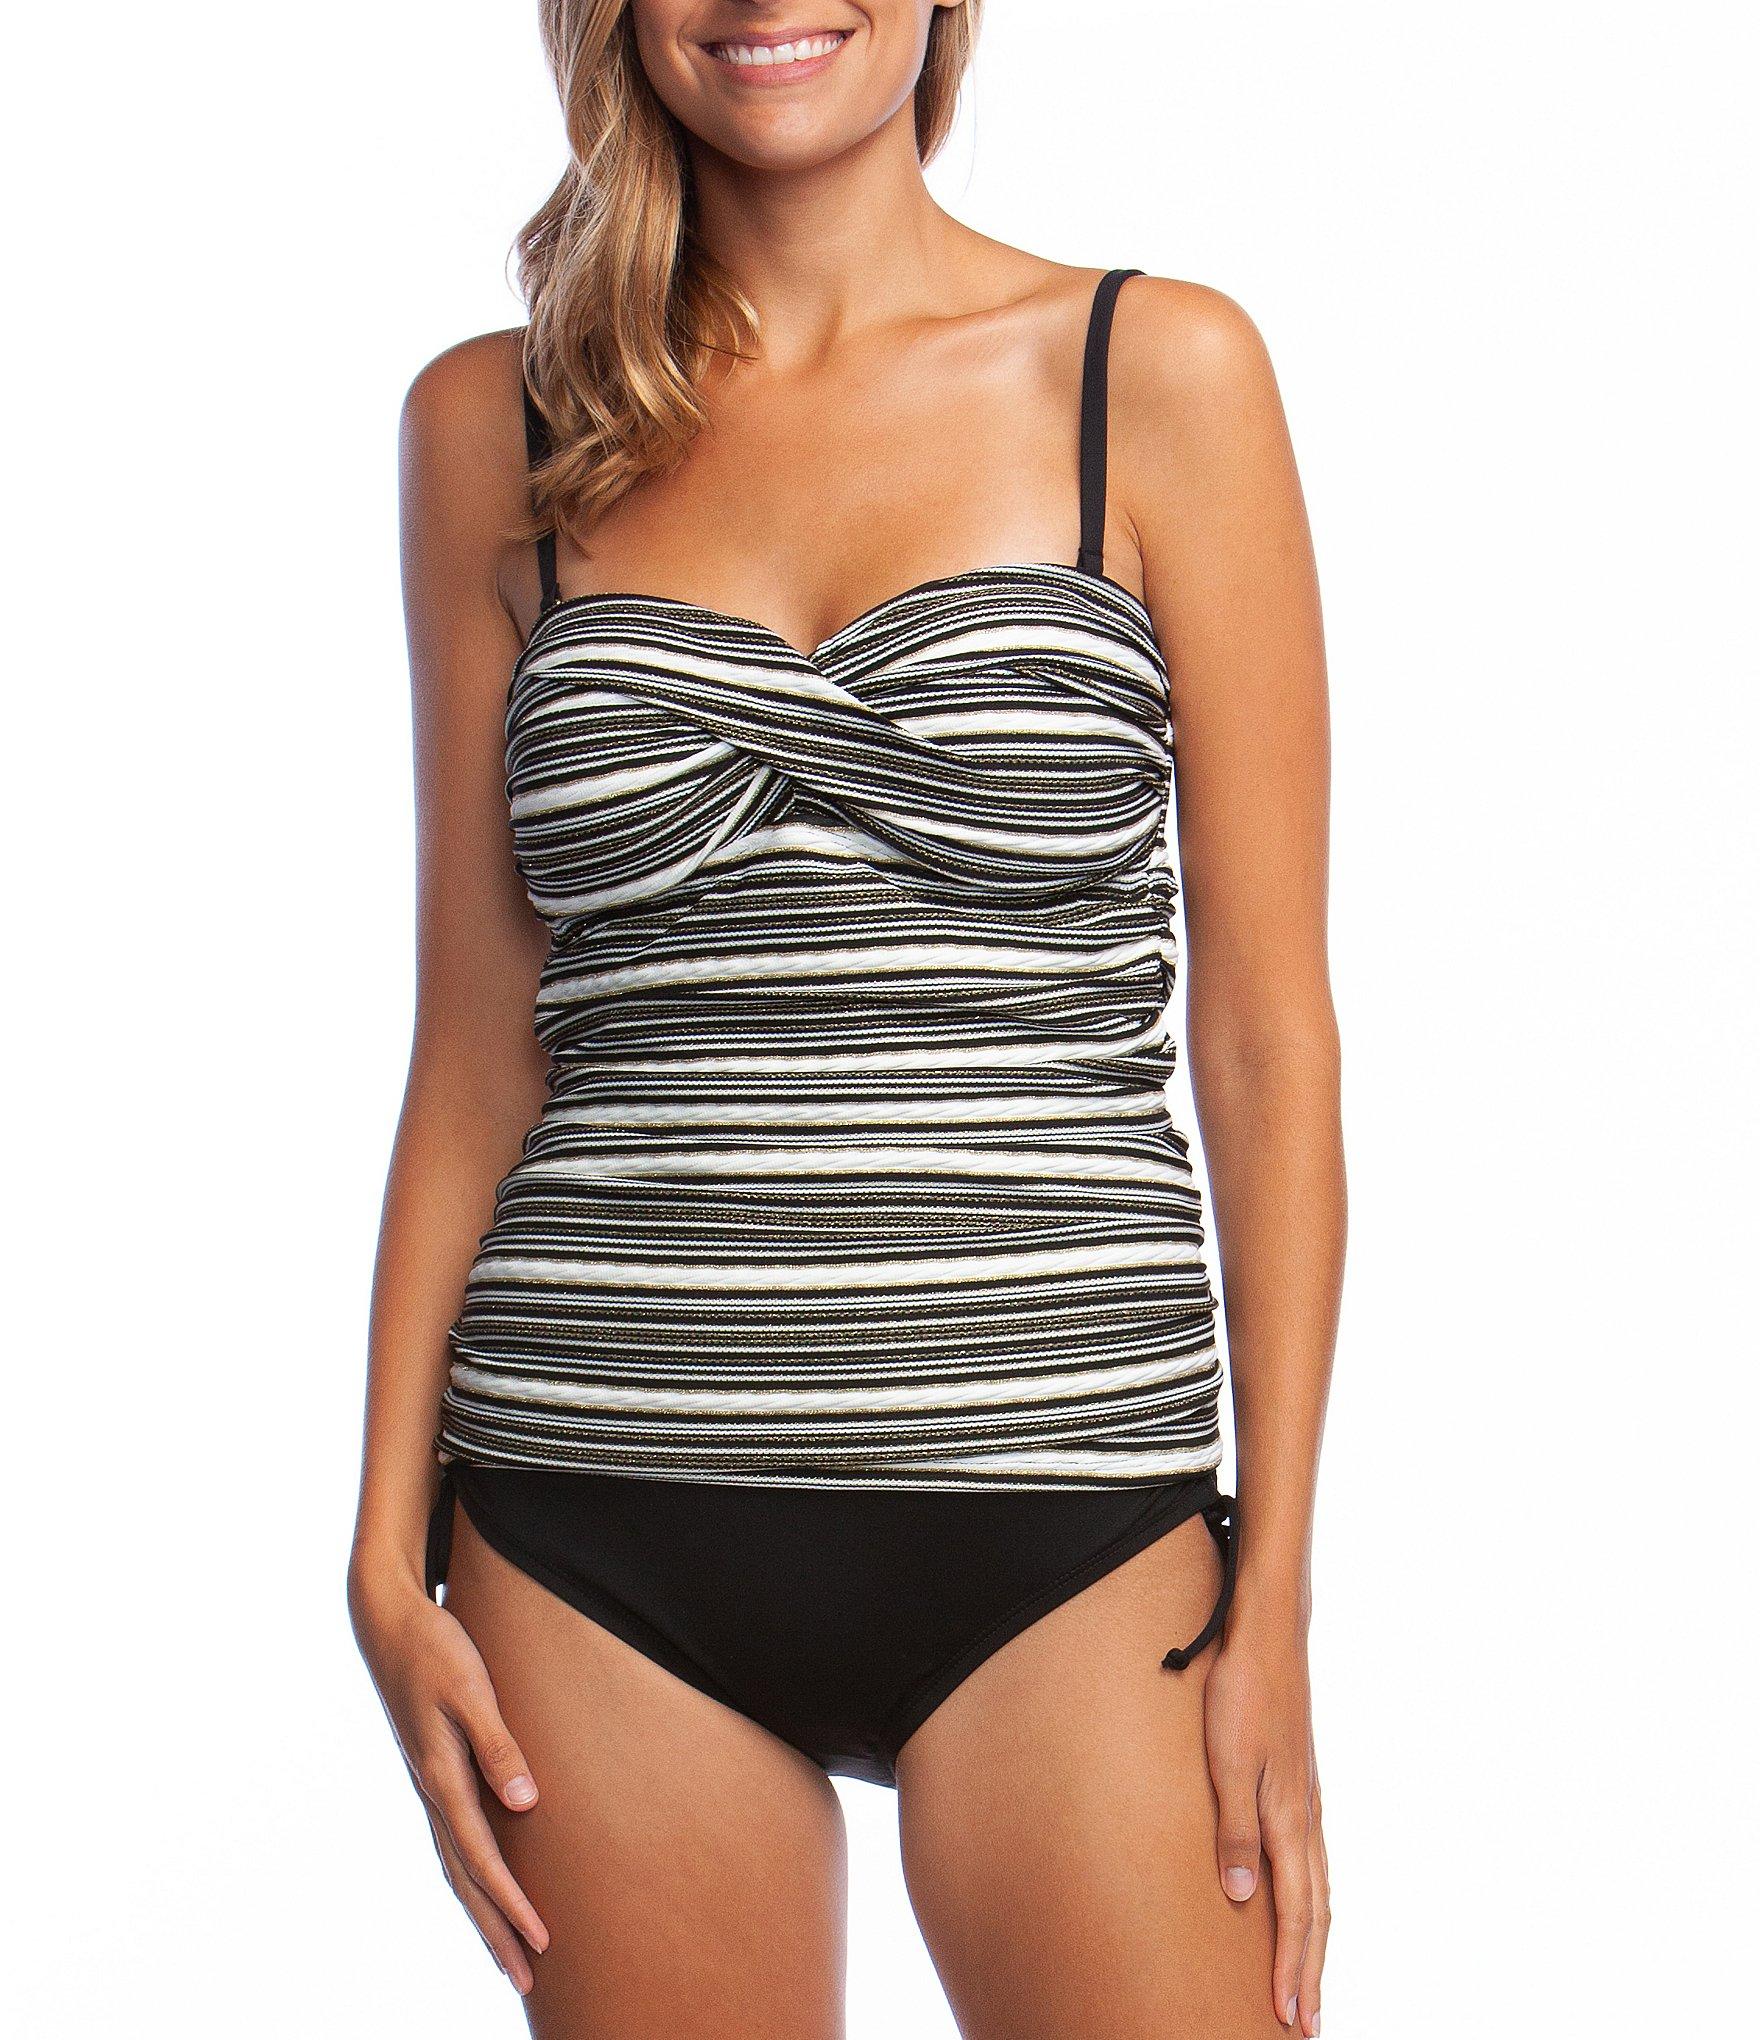 f04f7db3511 tummy: Women's Clothing & Apparel | Dillard's